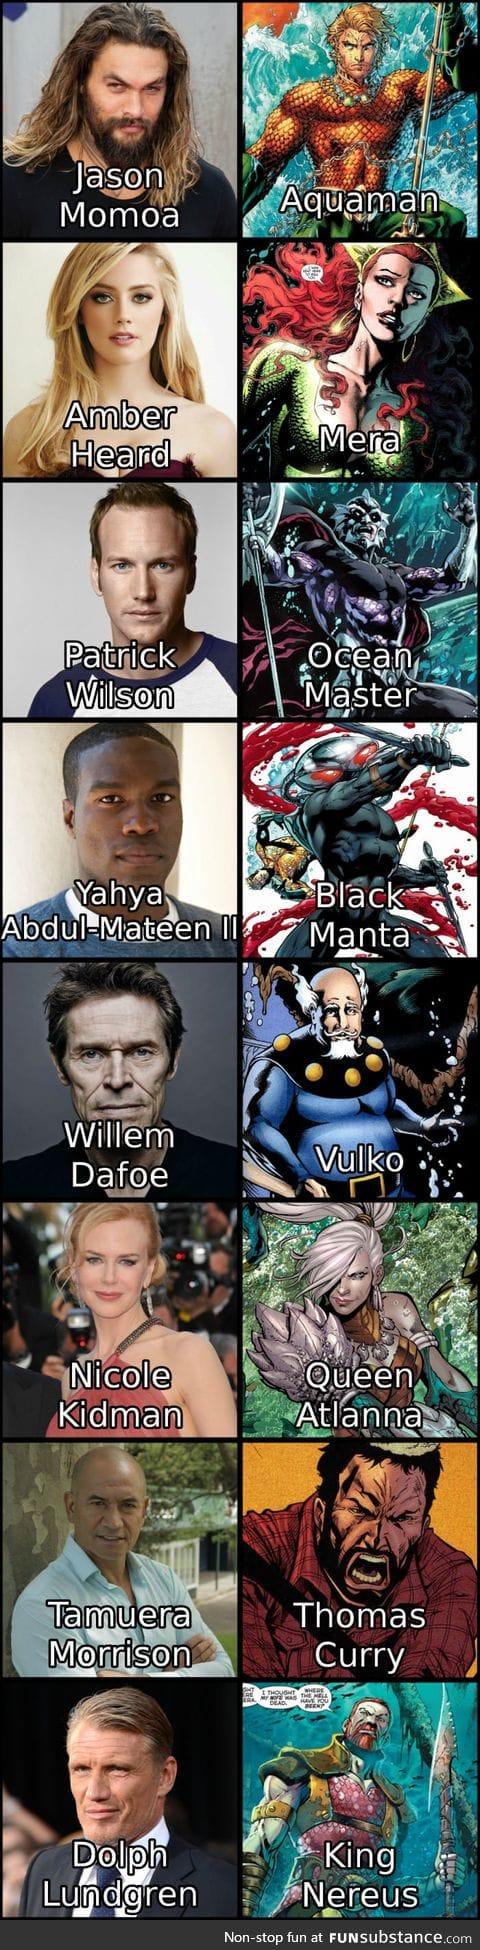 """The cast of """"Aquaman"""" so far"""